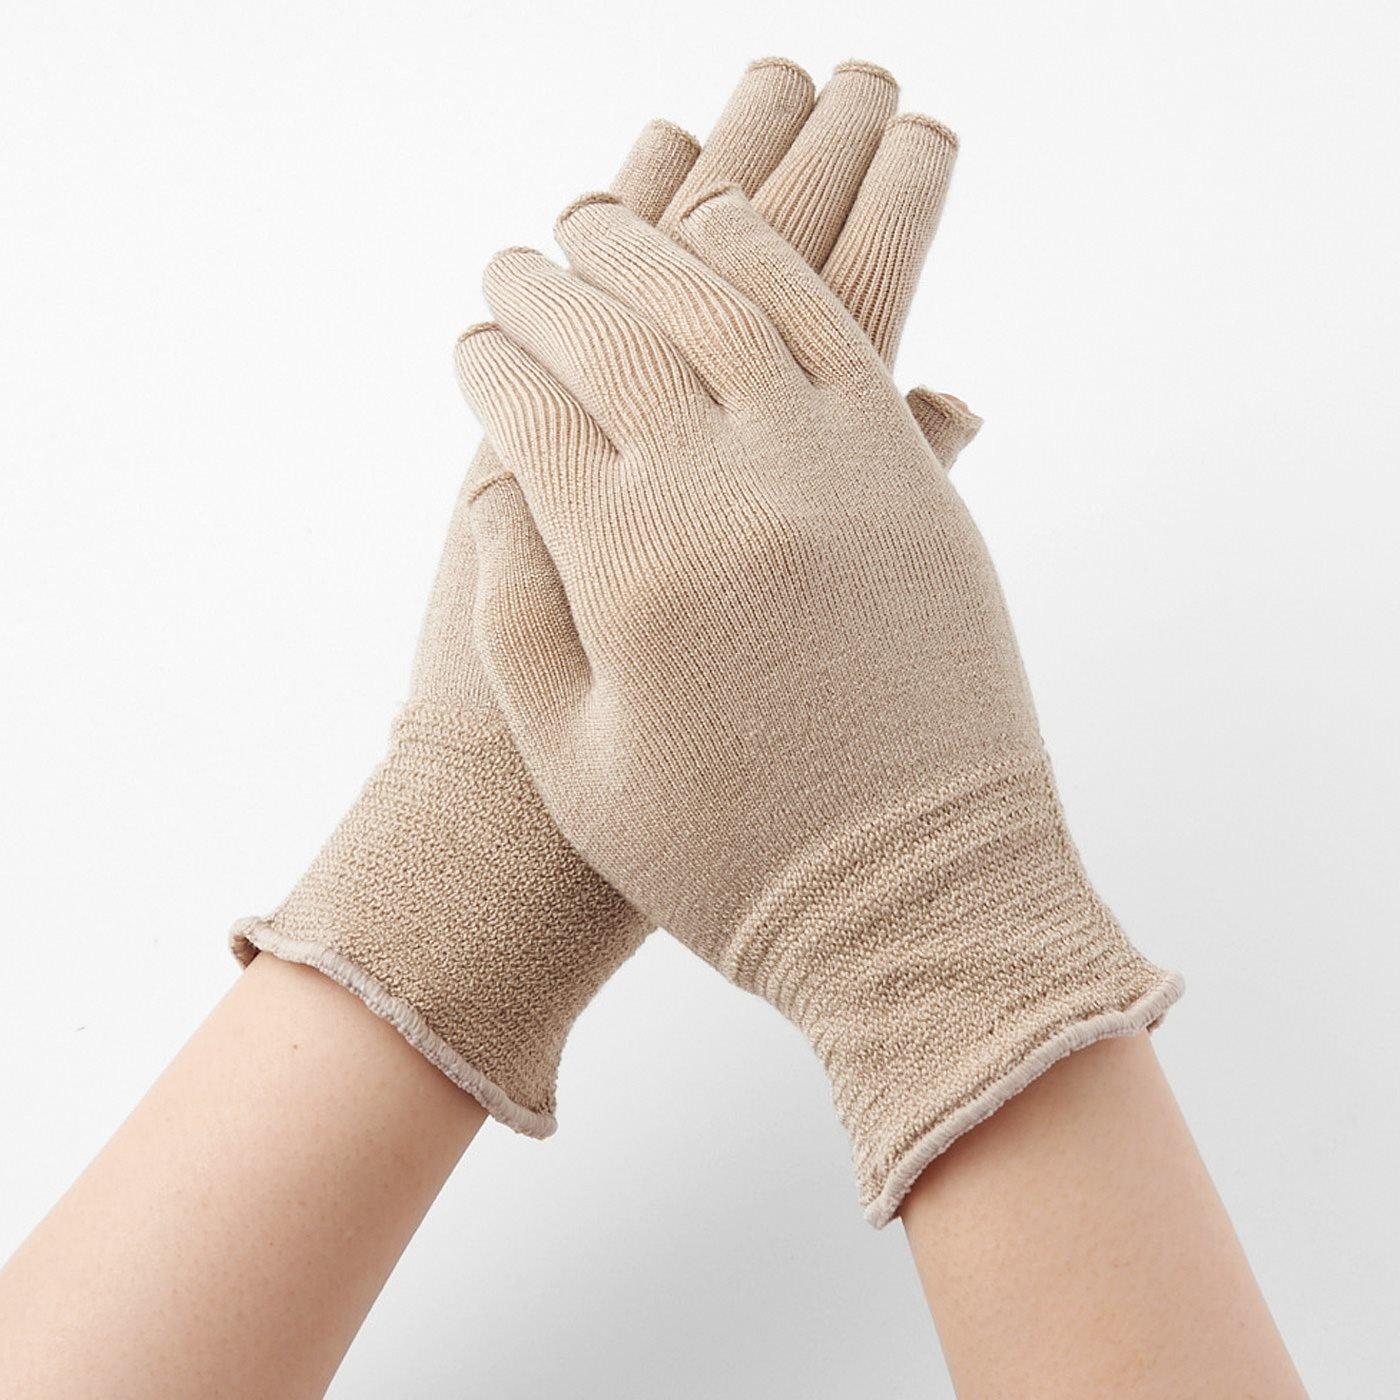 【2組セット】寝ている間にハンドケア ホールガーメント(R)シルク混の指あき手袋の会